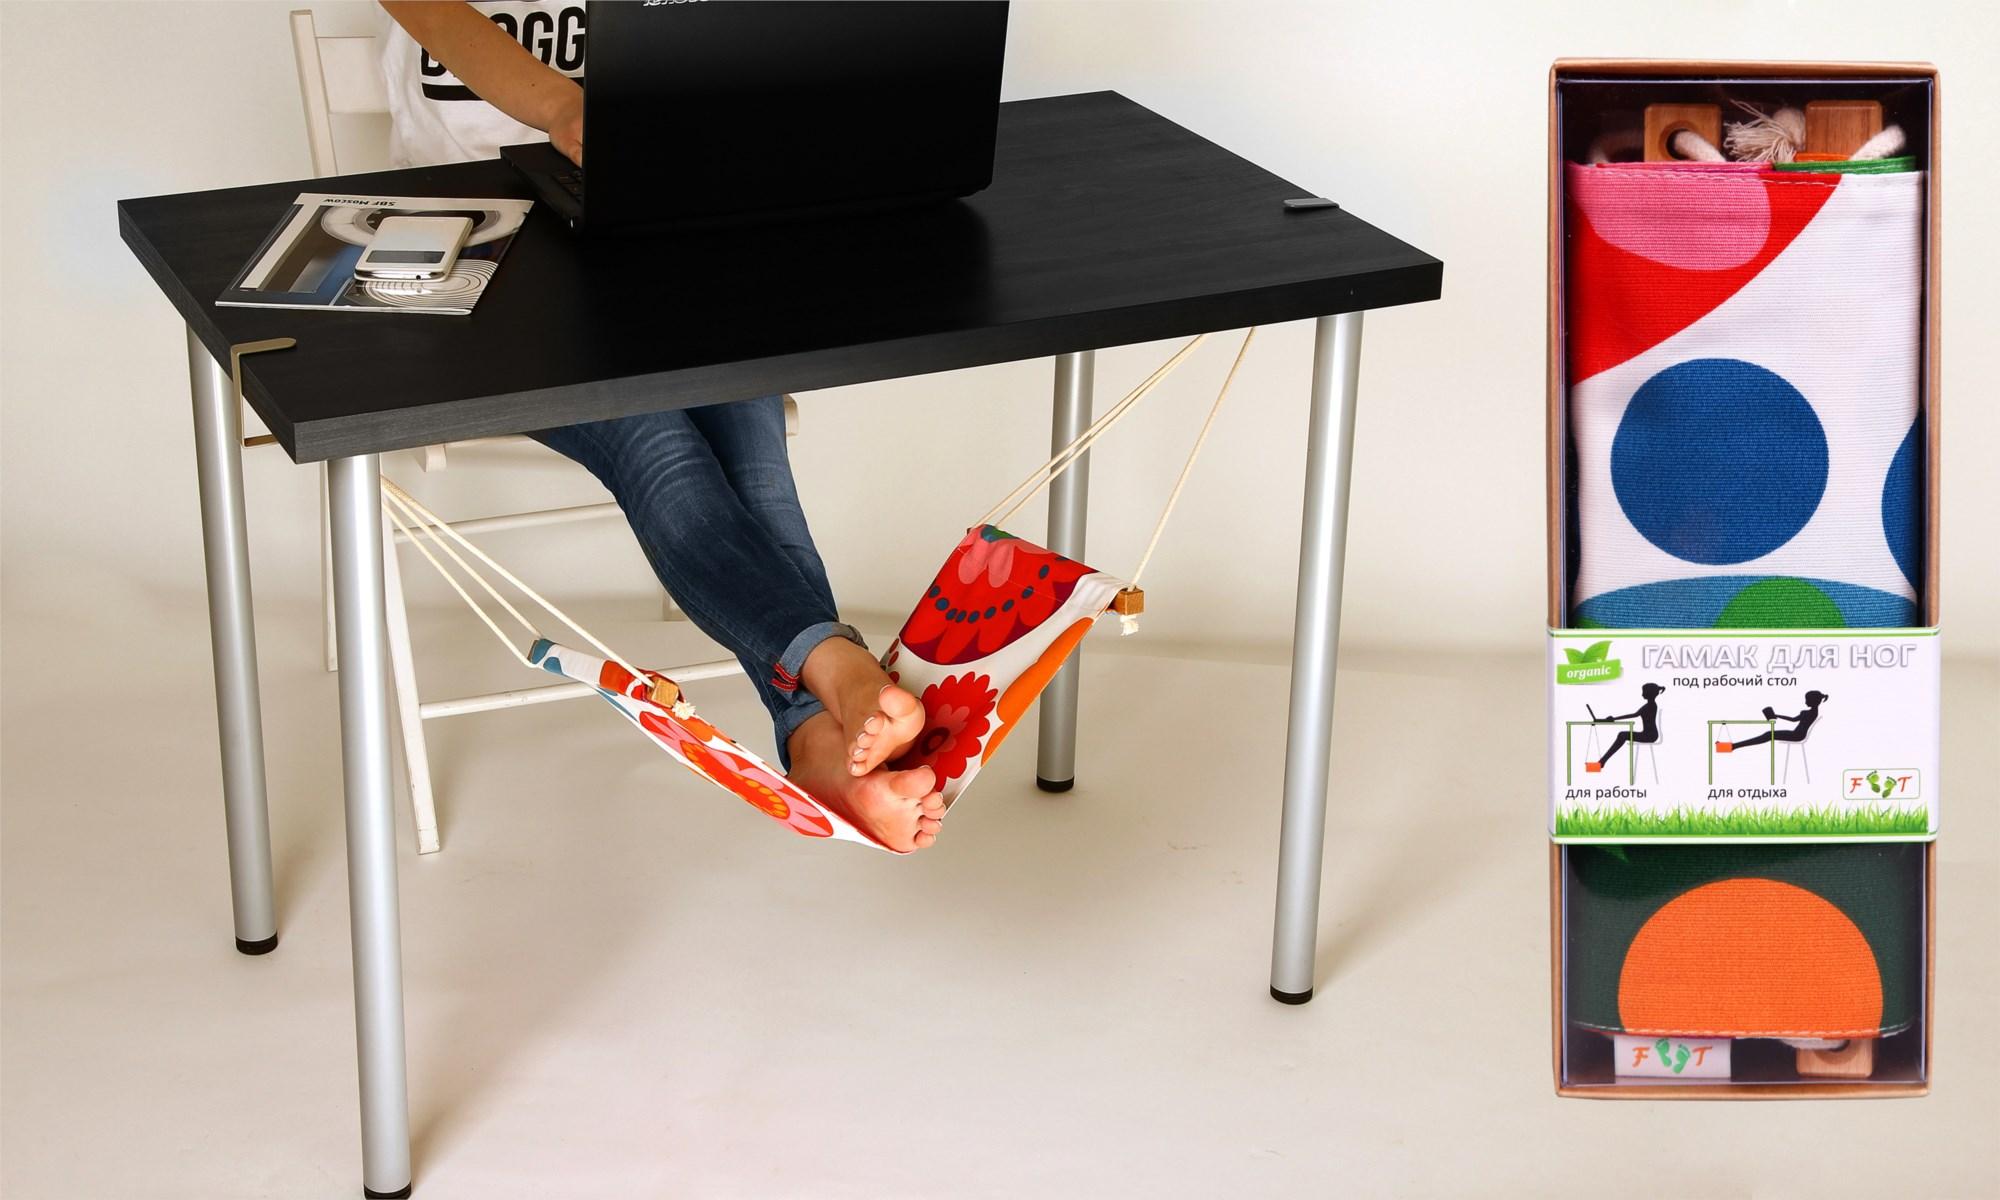 Гамак для ног под рабочий стол MULTI COLOR